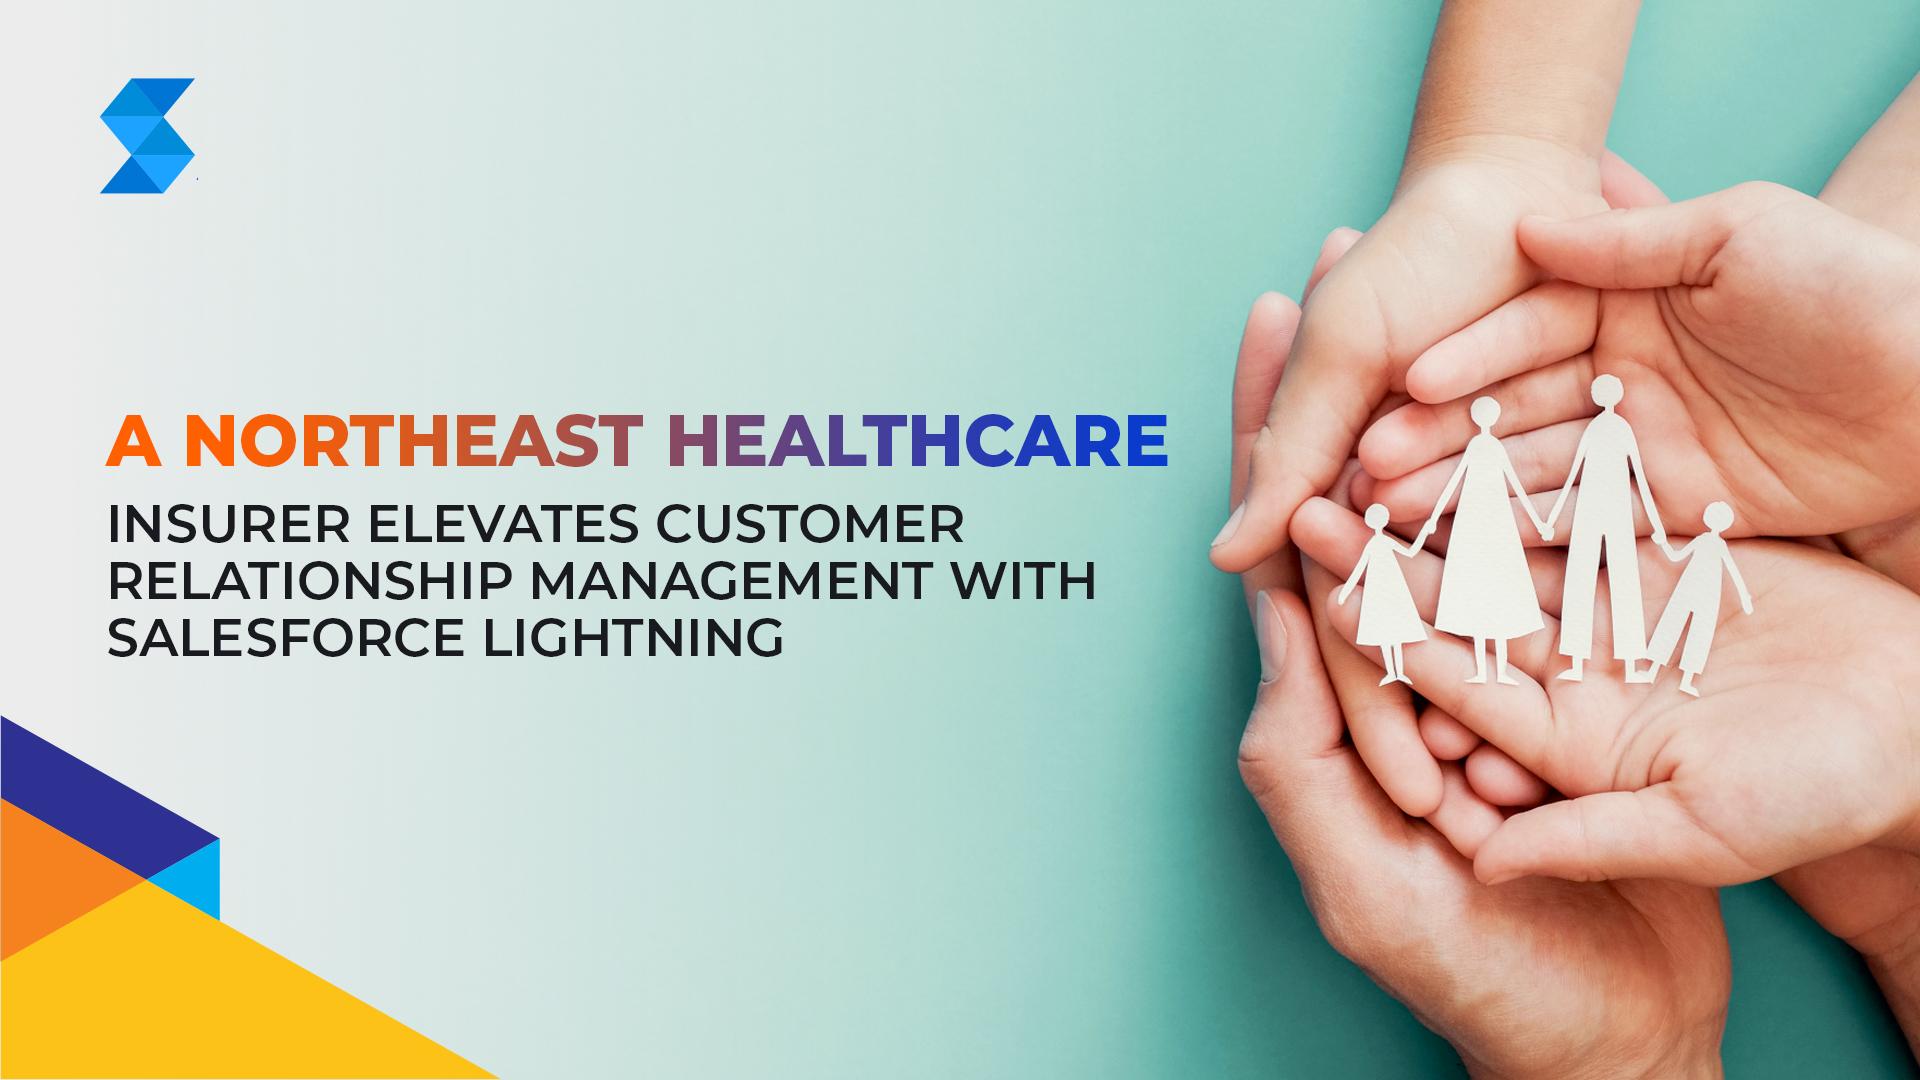 A Northeast Healthcare Insurer Elevates Customer Relationship Management with Salesforce Lightning